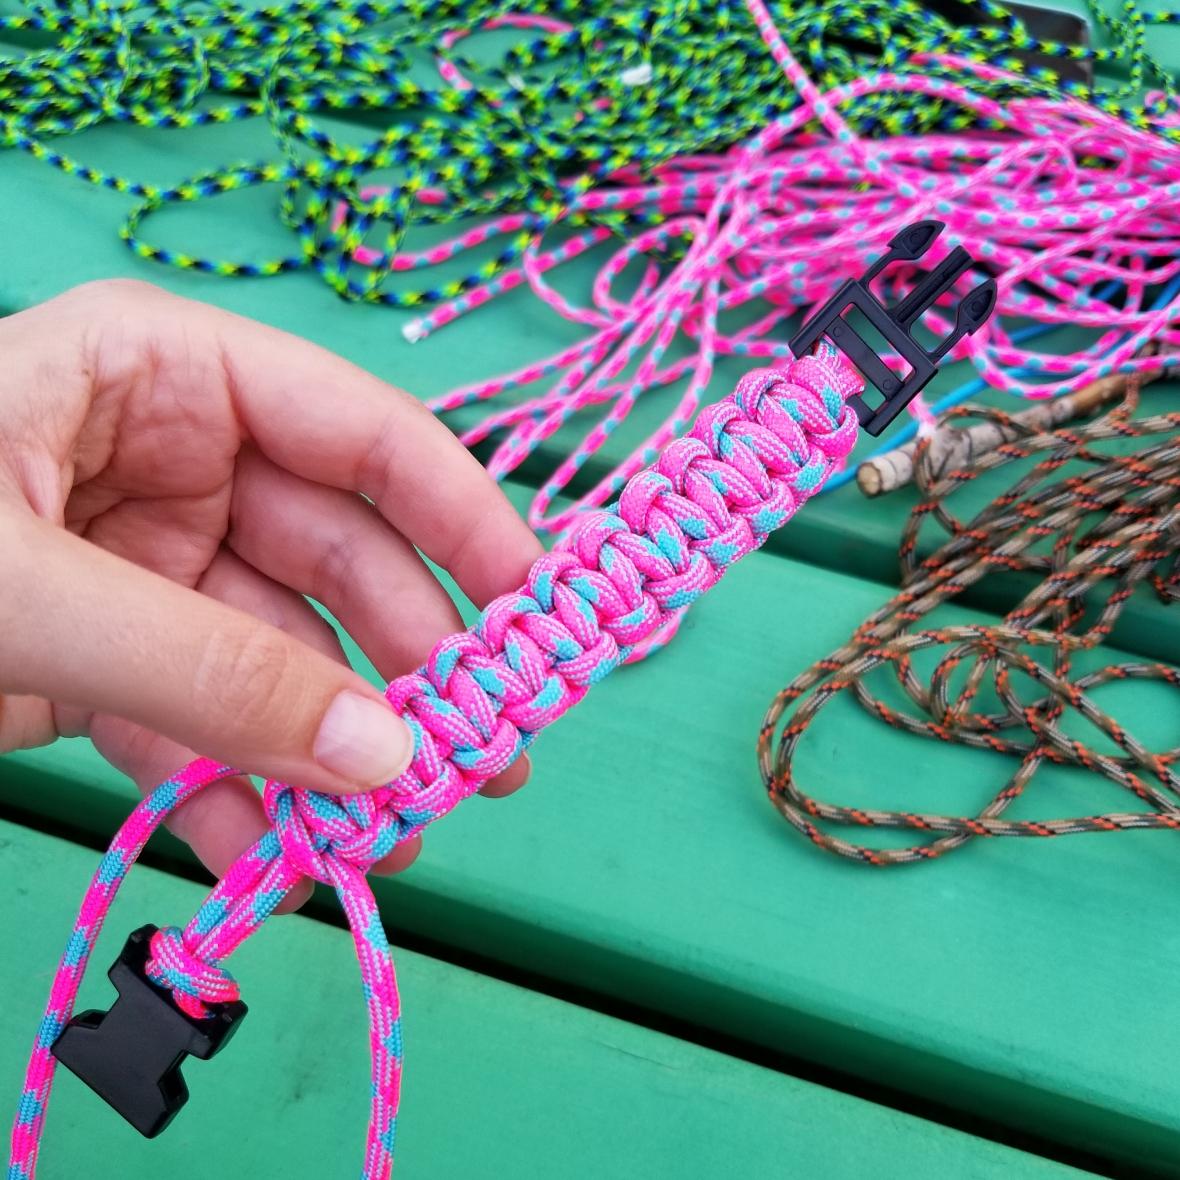 Leatherman -Paracord Survival Bracelet